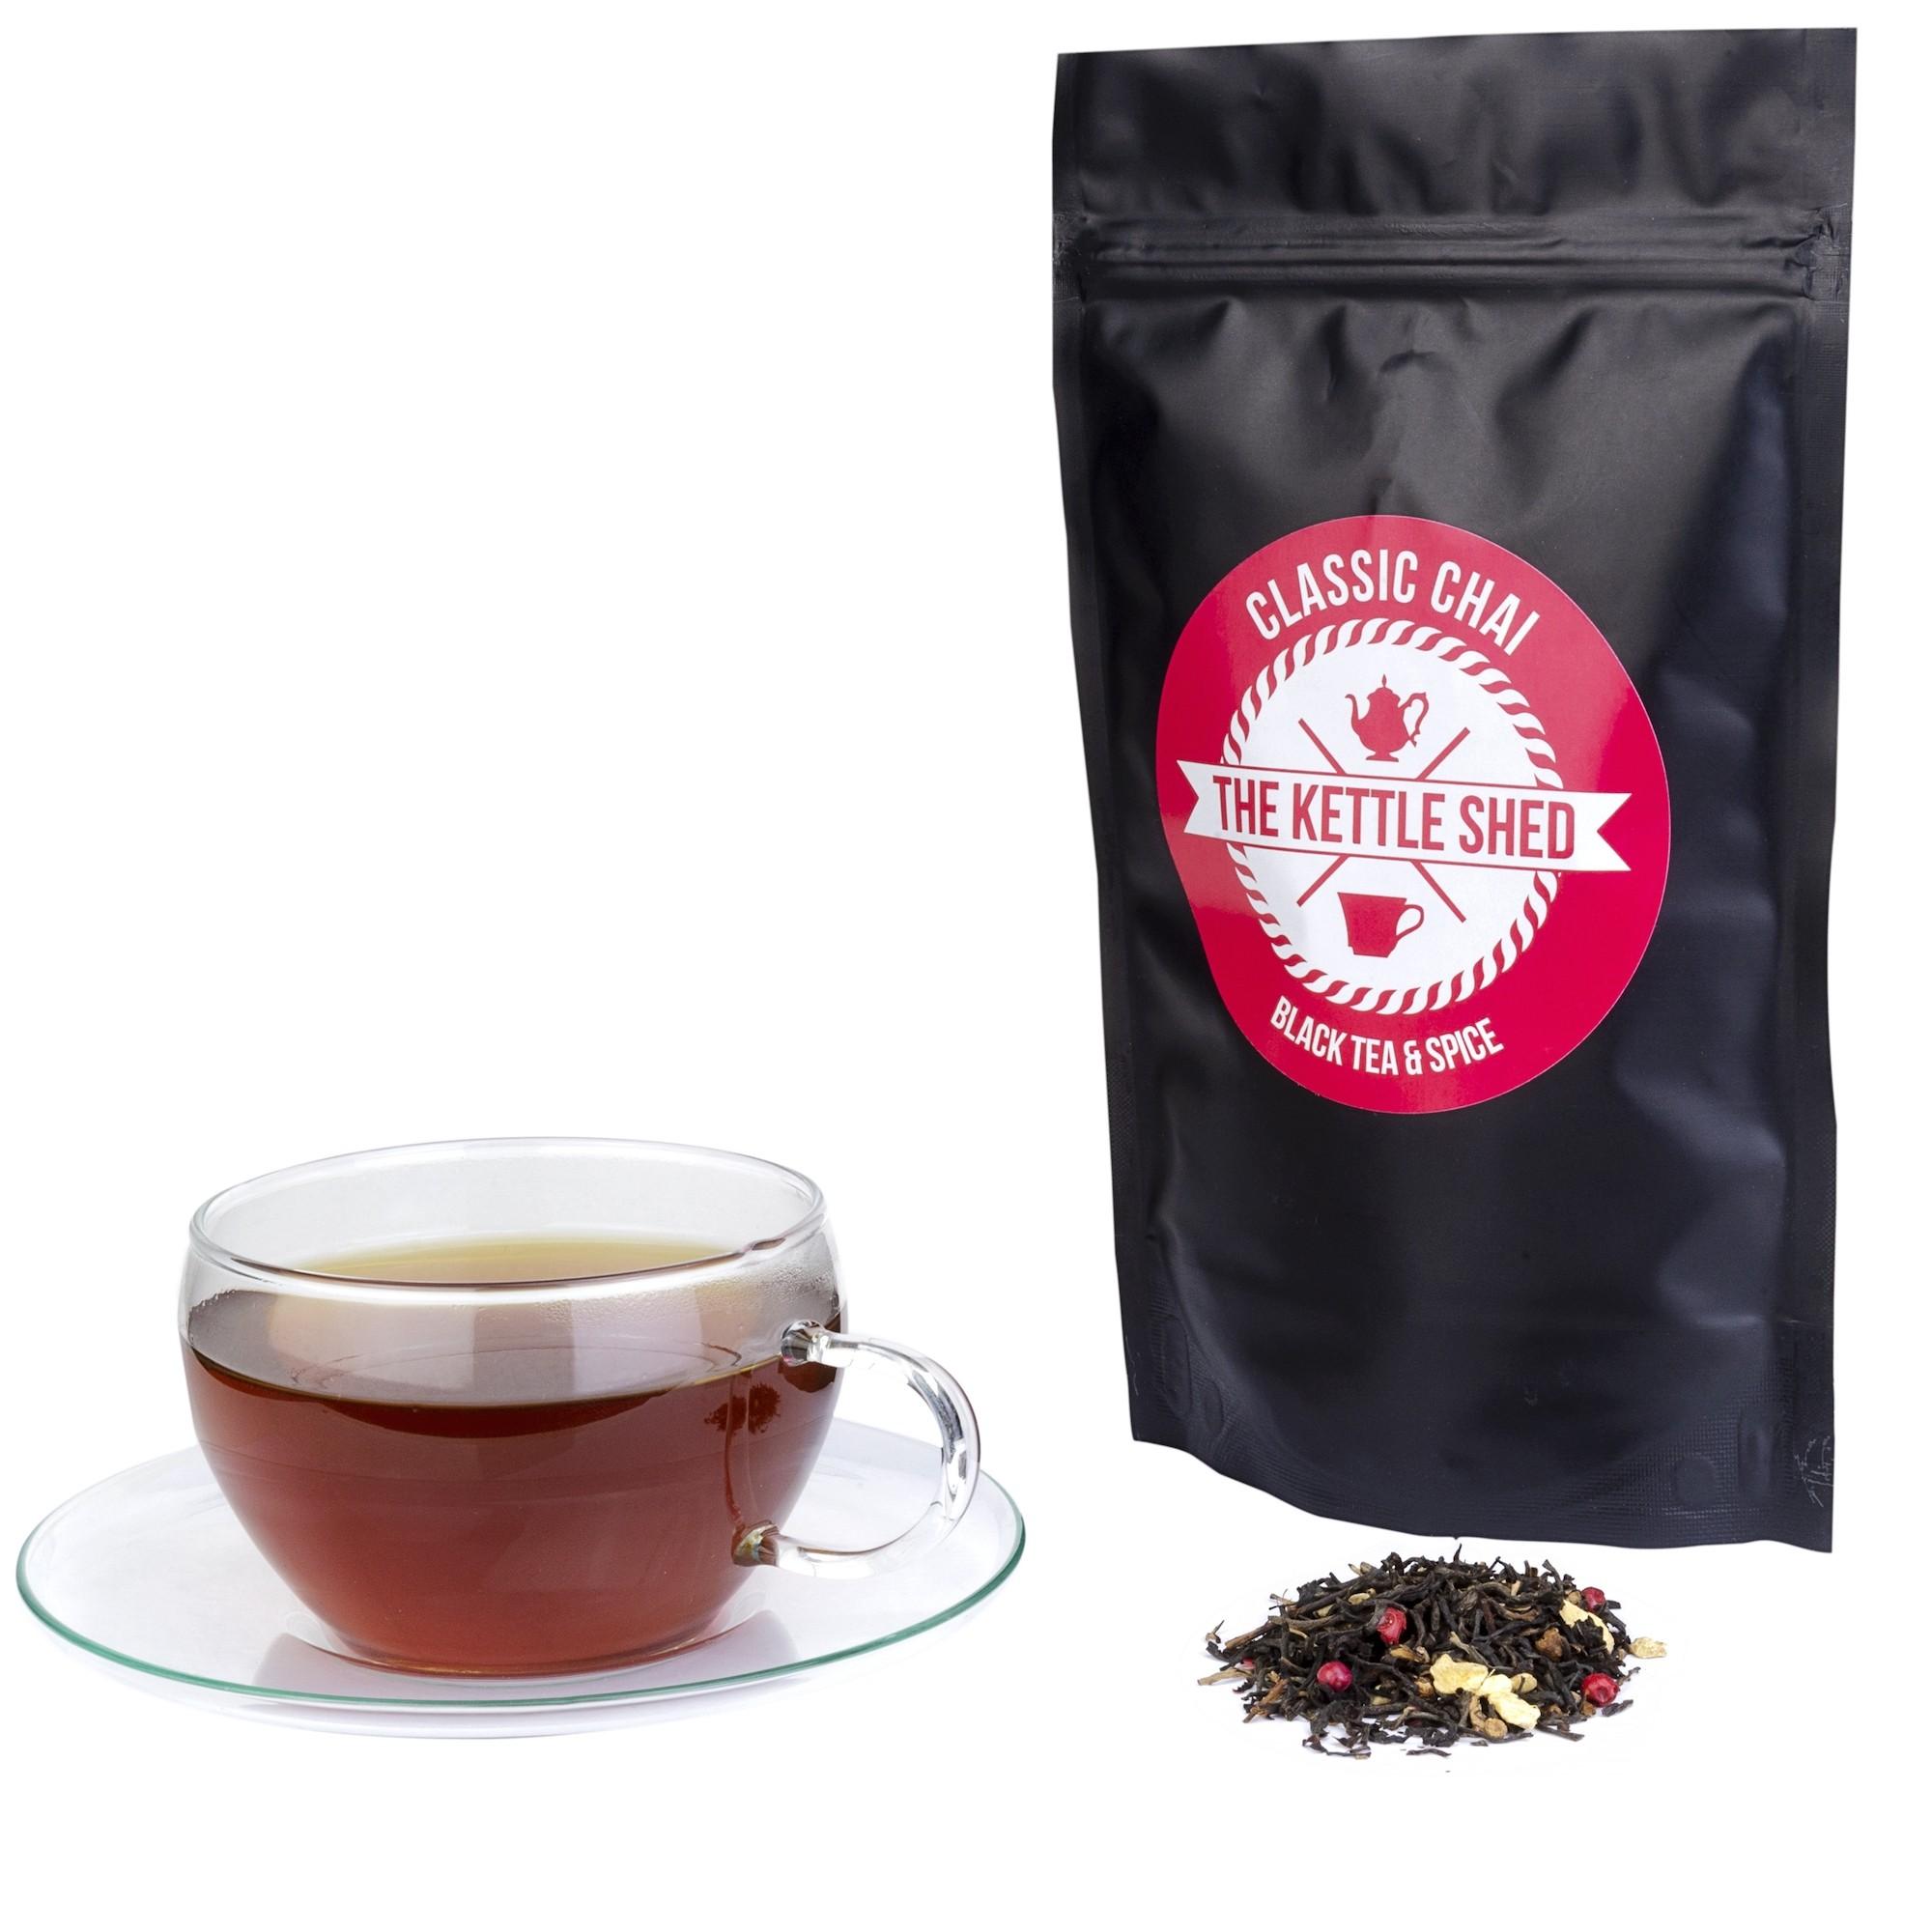 Classic Chai - 100g Loose Leaf Tea